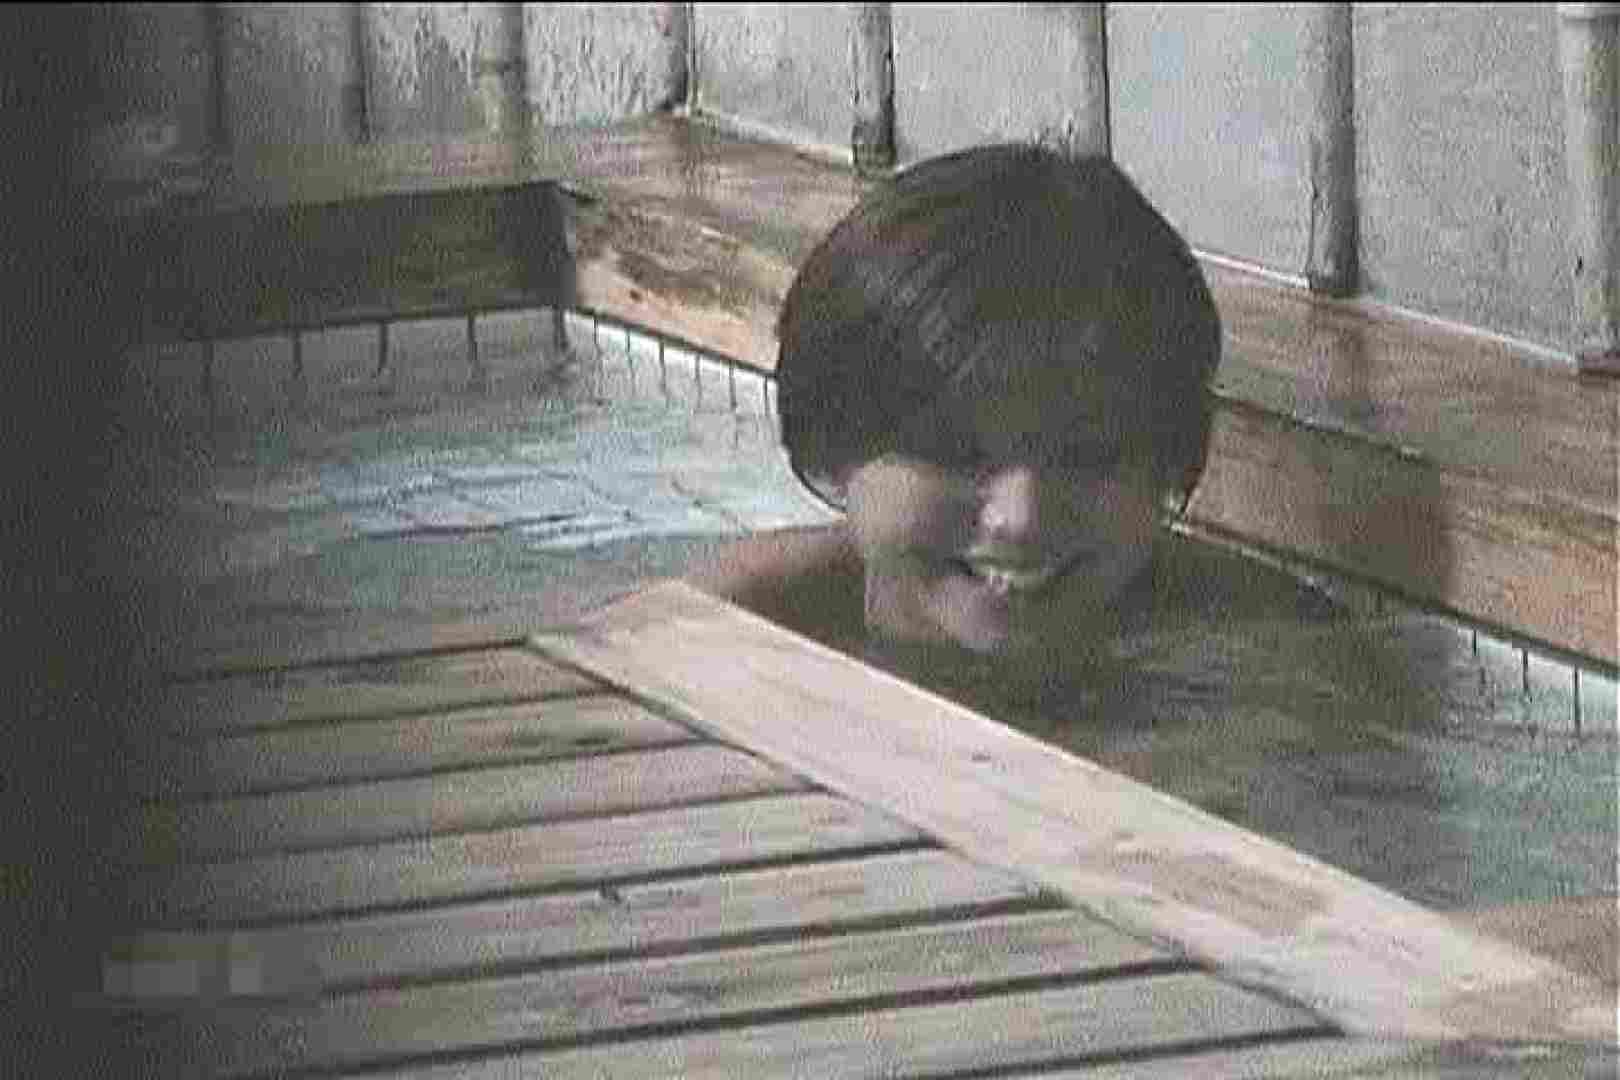 全裸で発情!!家族風呂の実態Vol.3 盗撮 おまんこ動画流出 52PICs 43